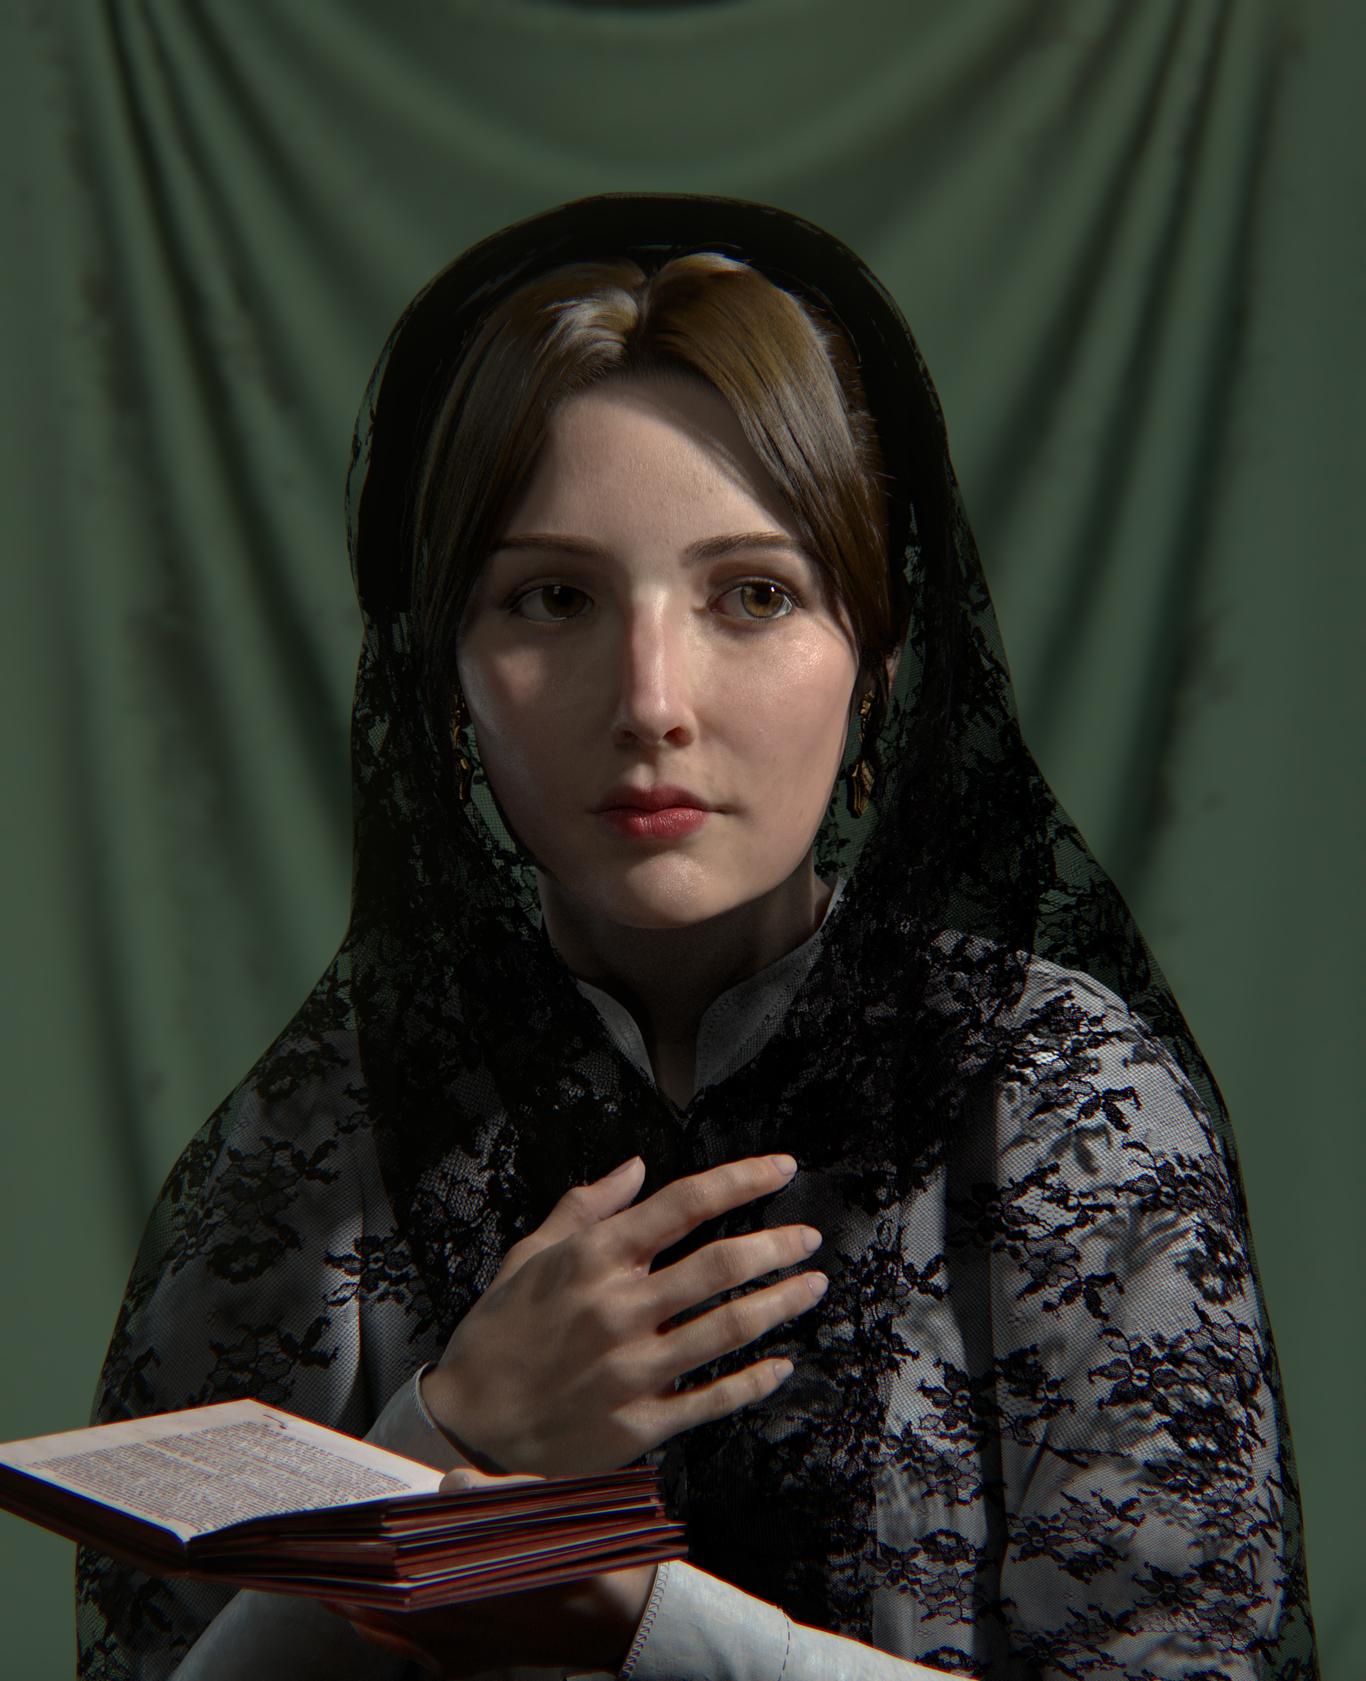 Jasmineli the reading girl 1 e6f8fa33 6kxw